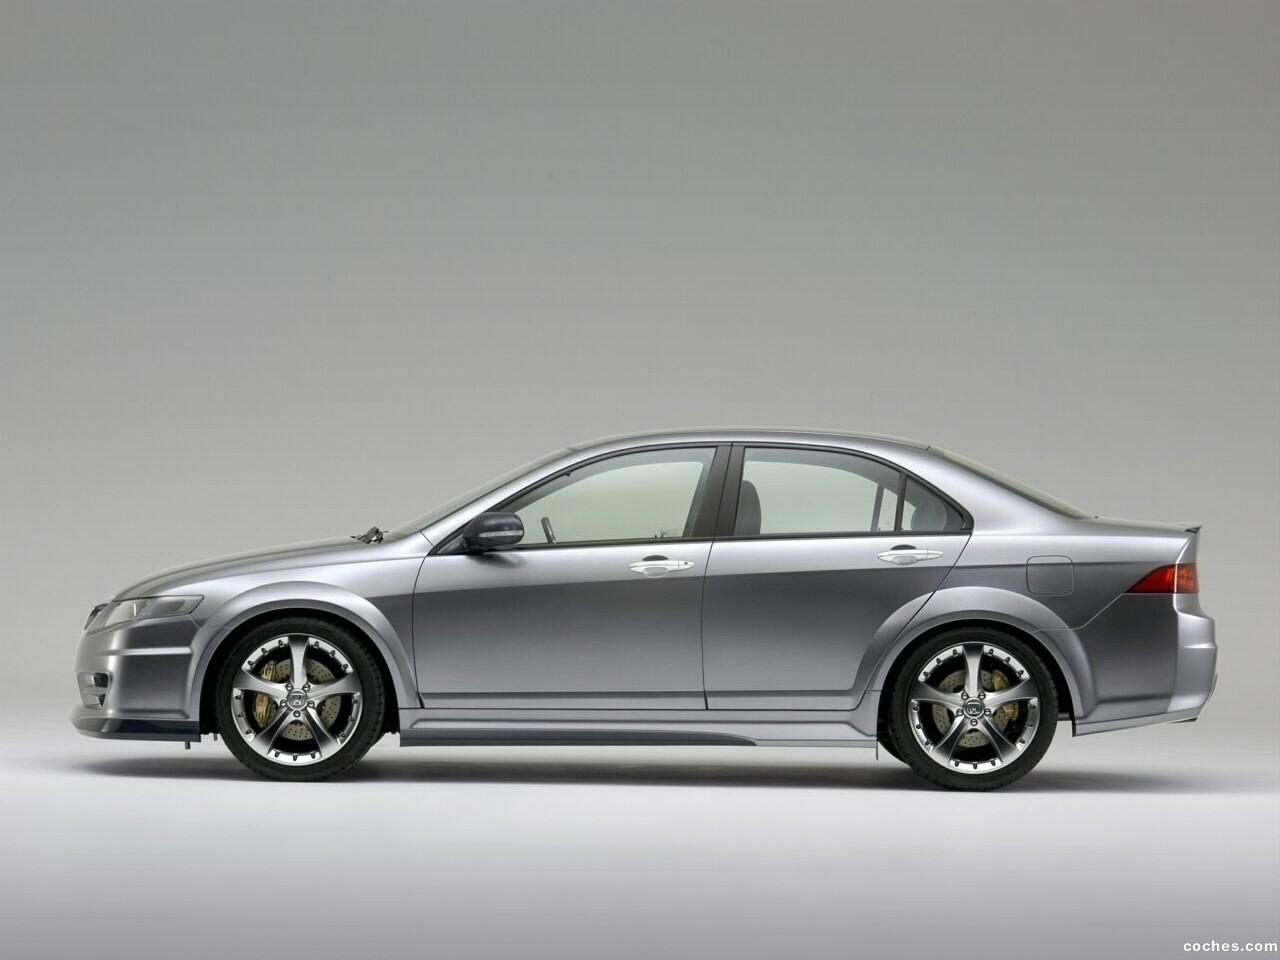 Foto 0 de Honda Accord Mustec Concept 2003